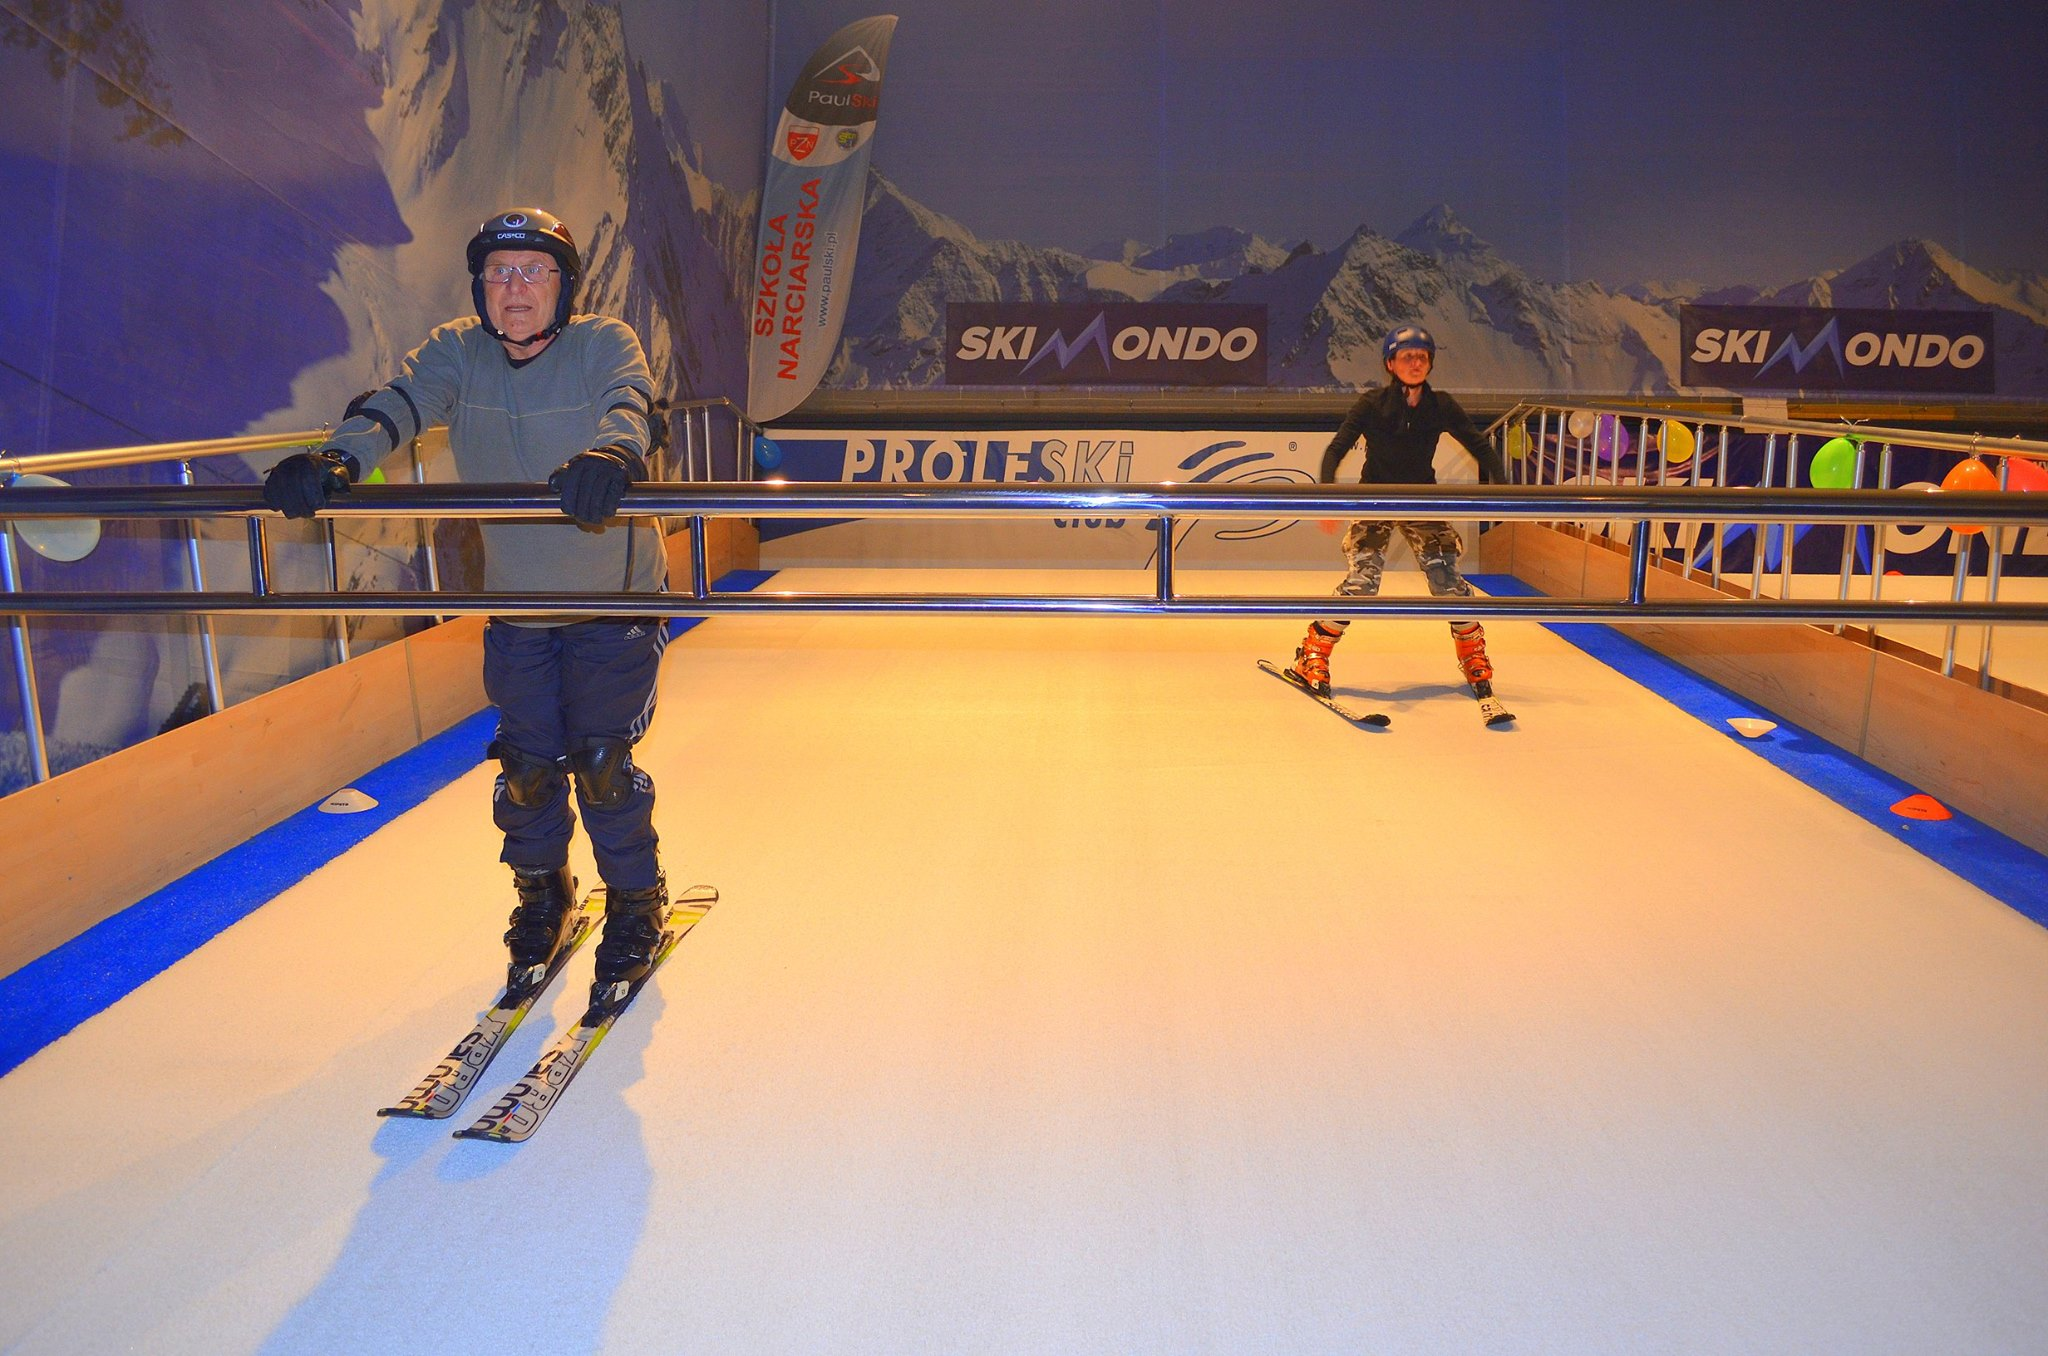 proleski ski simulator